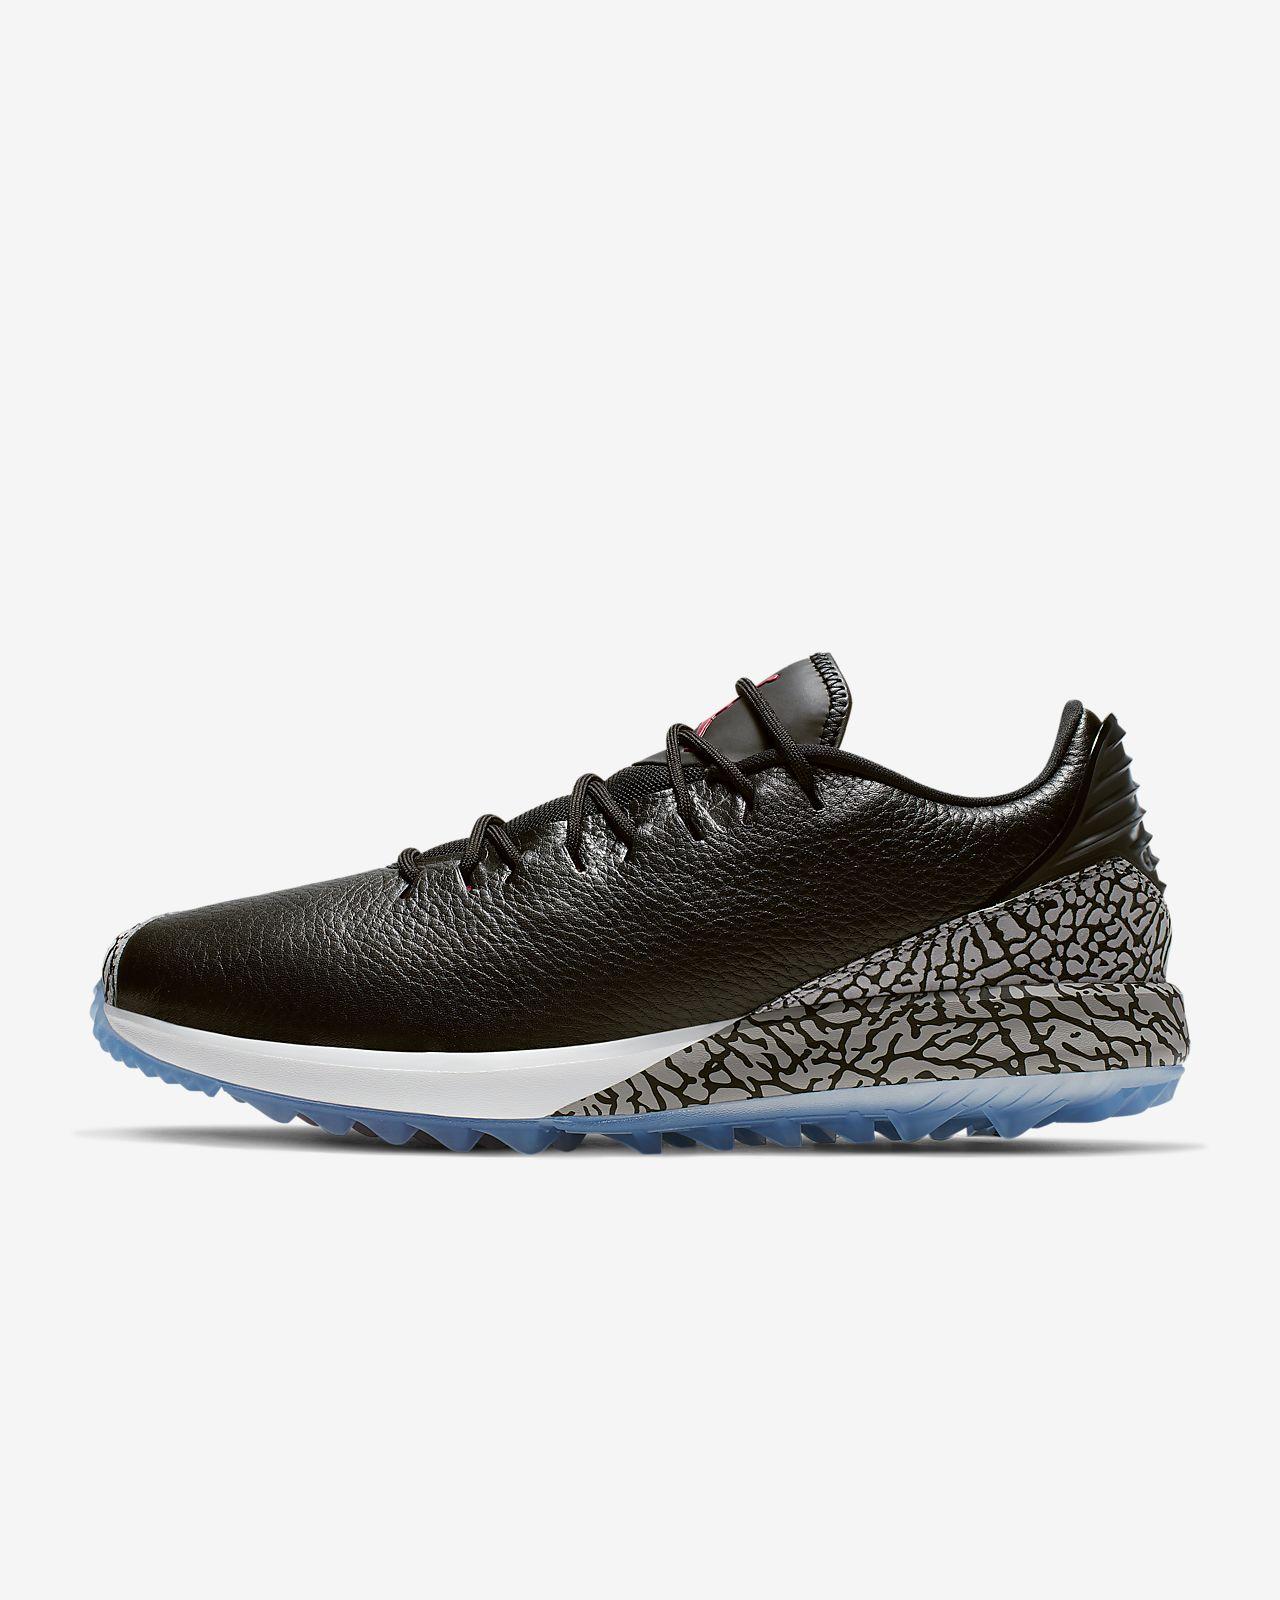 Chaussure de golf Jordan ADG pour Homme